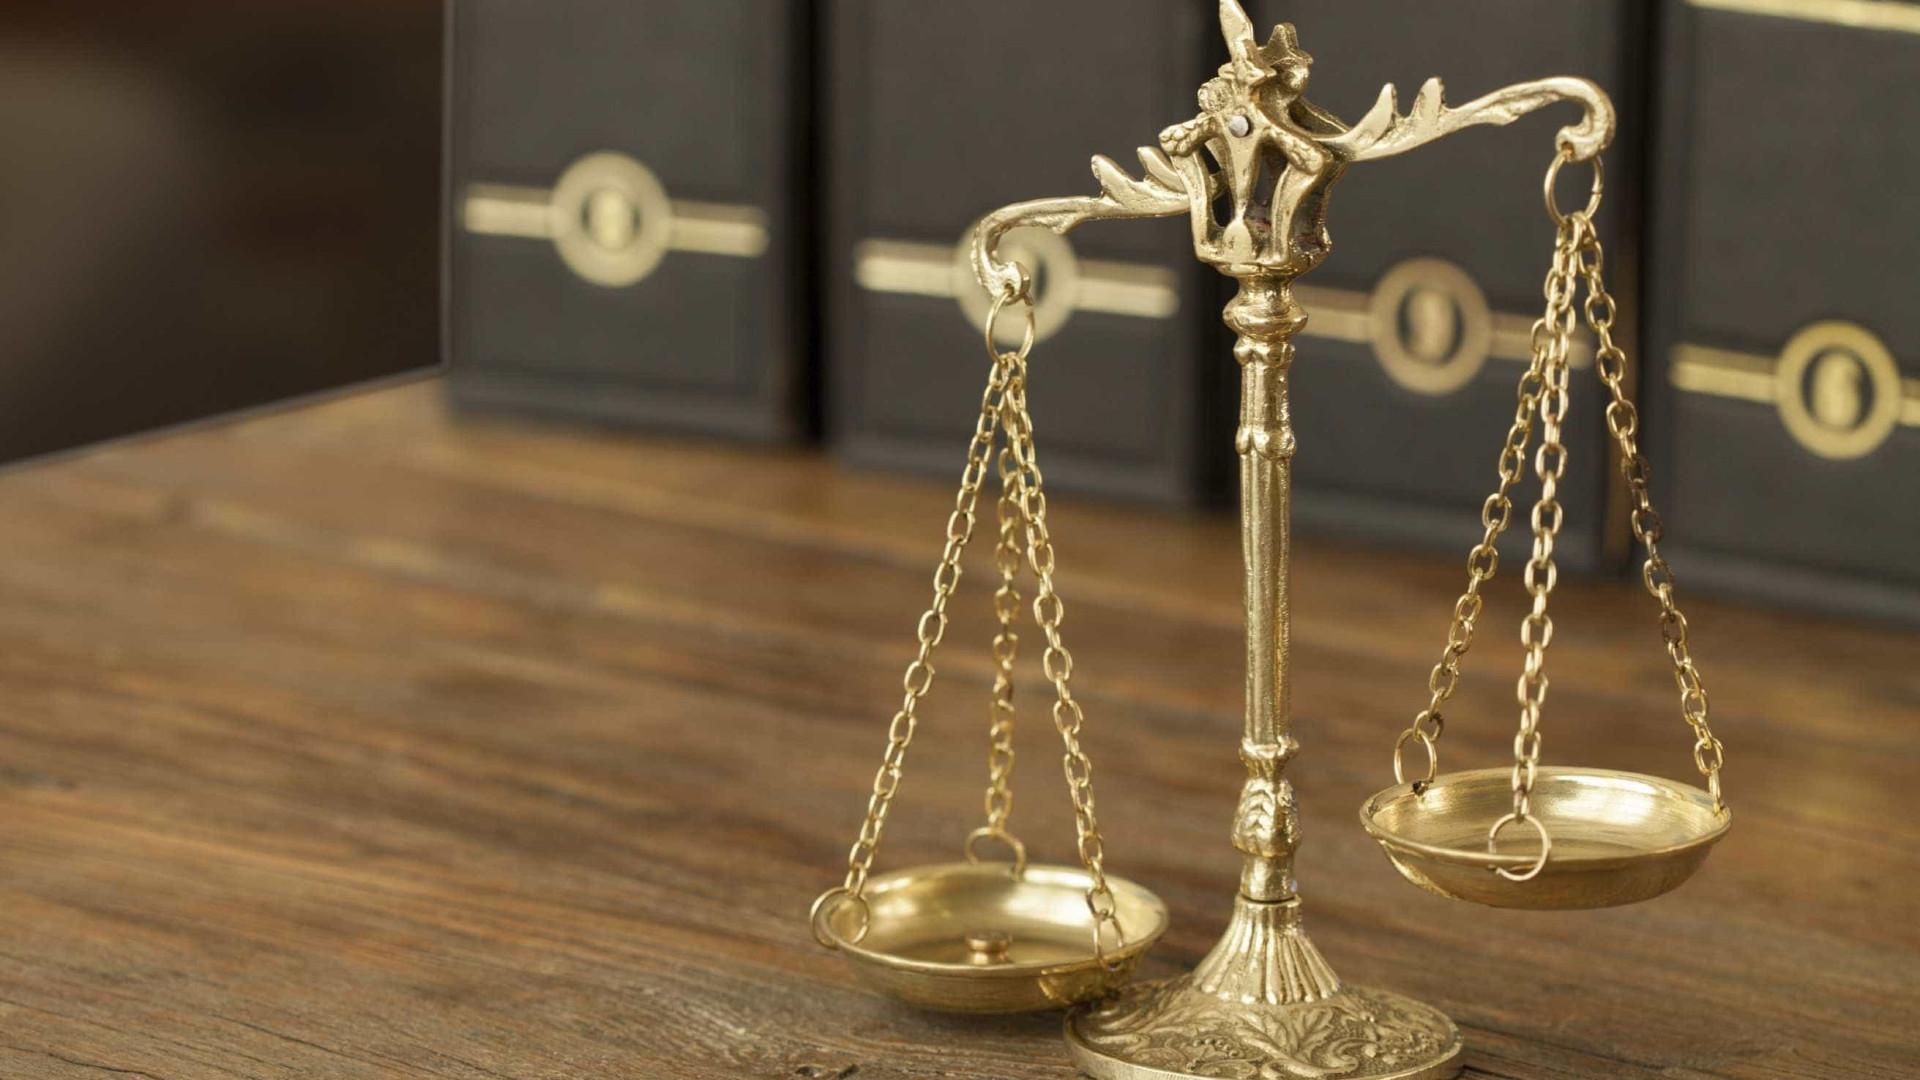 Detido por violência doméstica na Feira fica em prisão preventiva